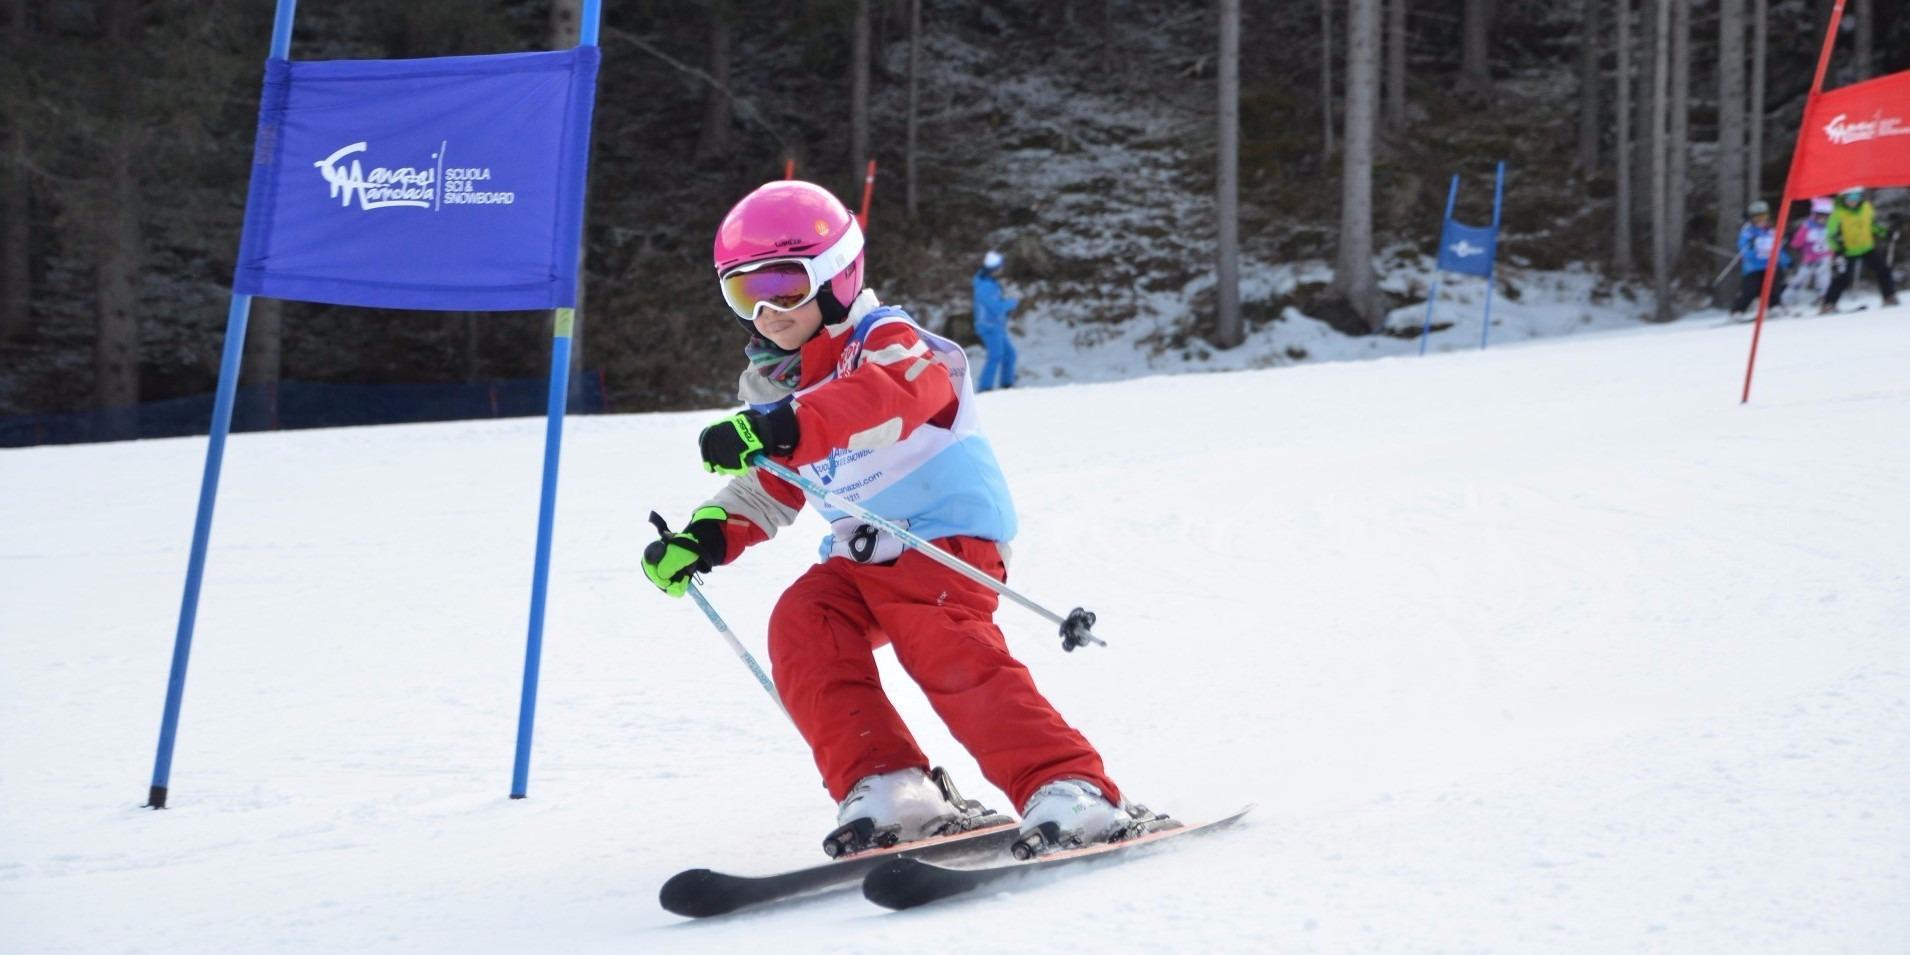 Gara di sci sulla pista Pedagà su prenotazione programma settimanale